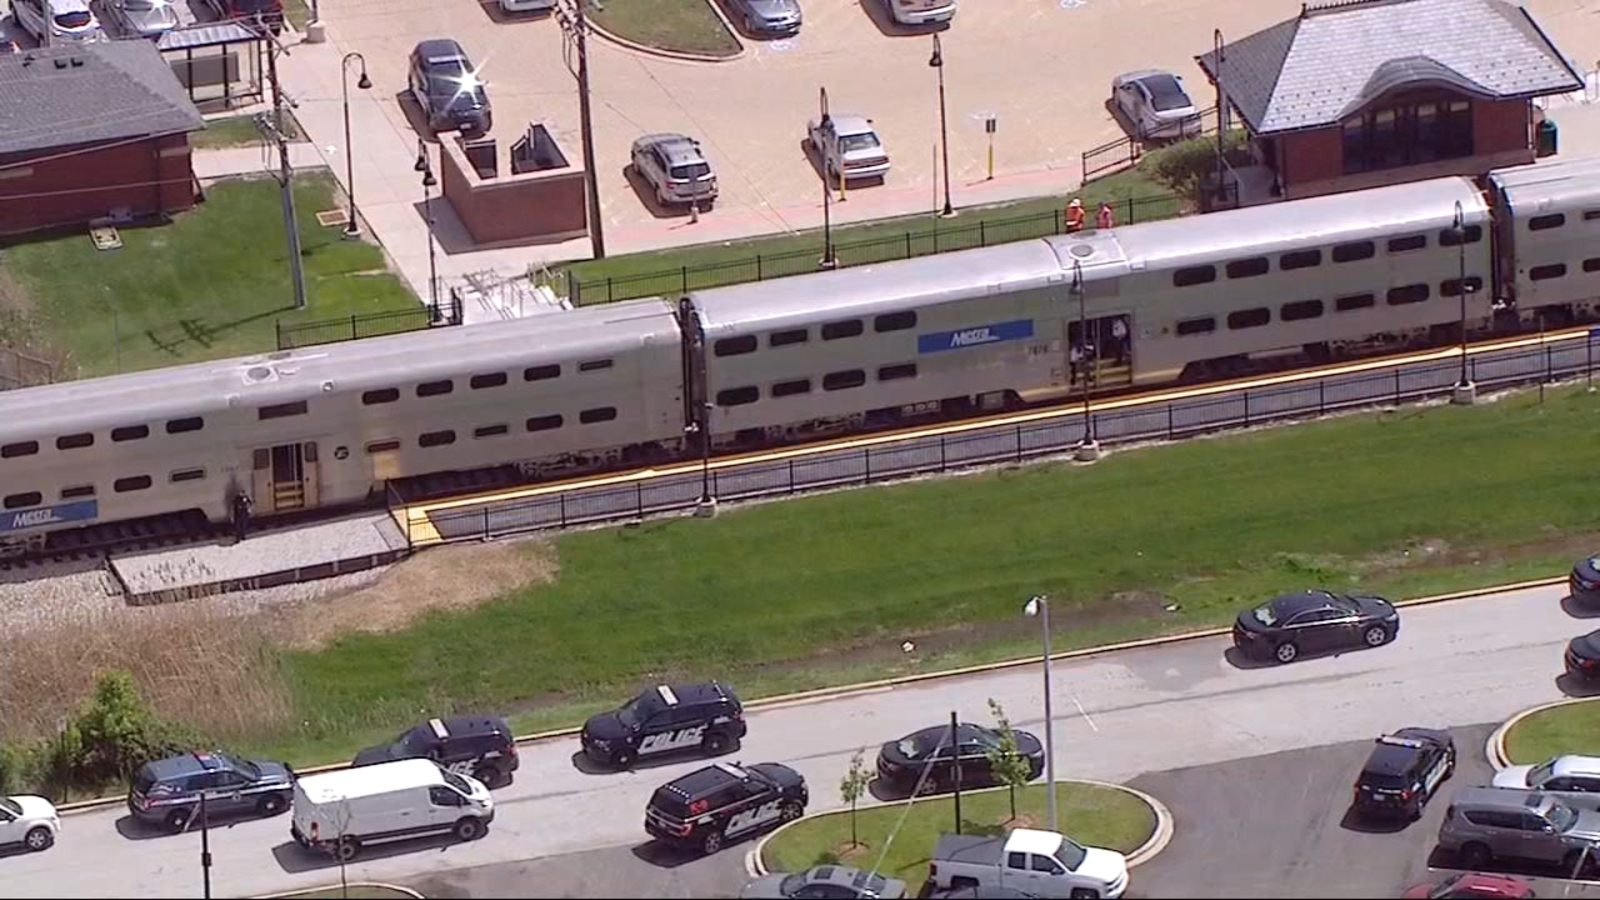 Zidentyfikowano nastolatka potrąconego przez pociąg w Joliet